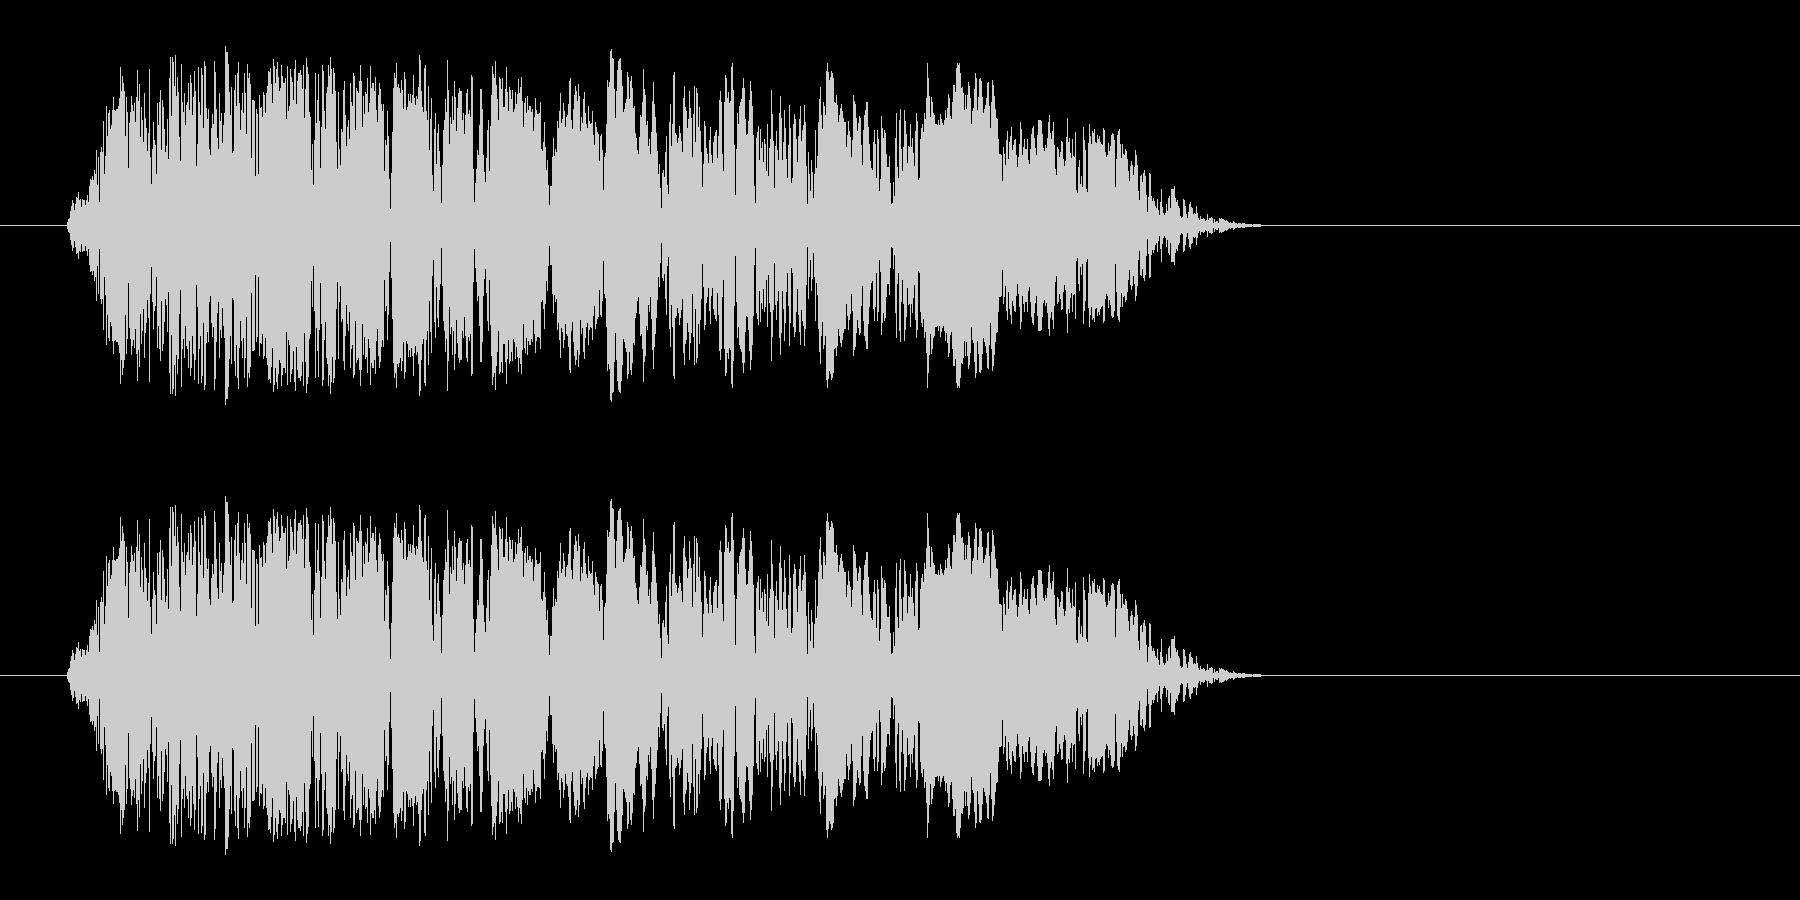 ドパン(植物が芽吹く音)の未再生の波形